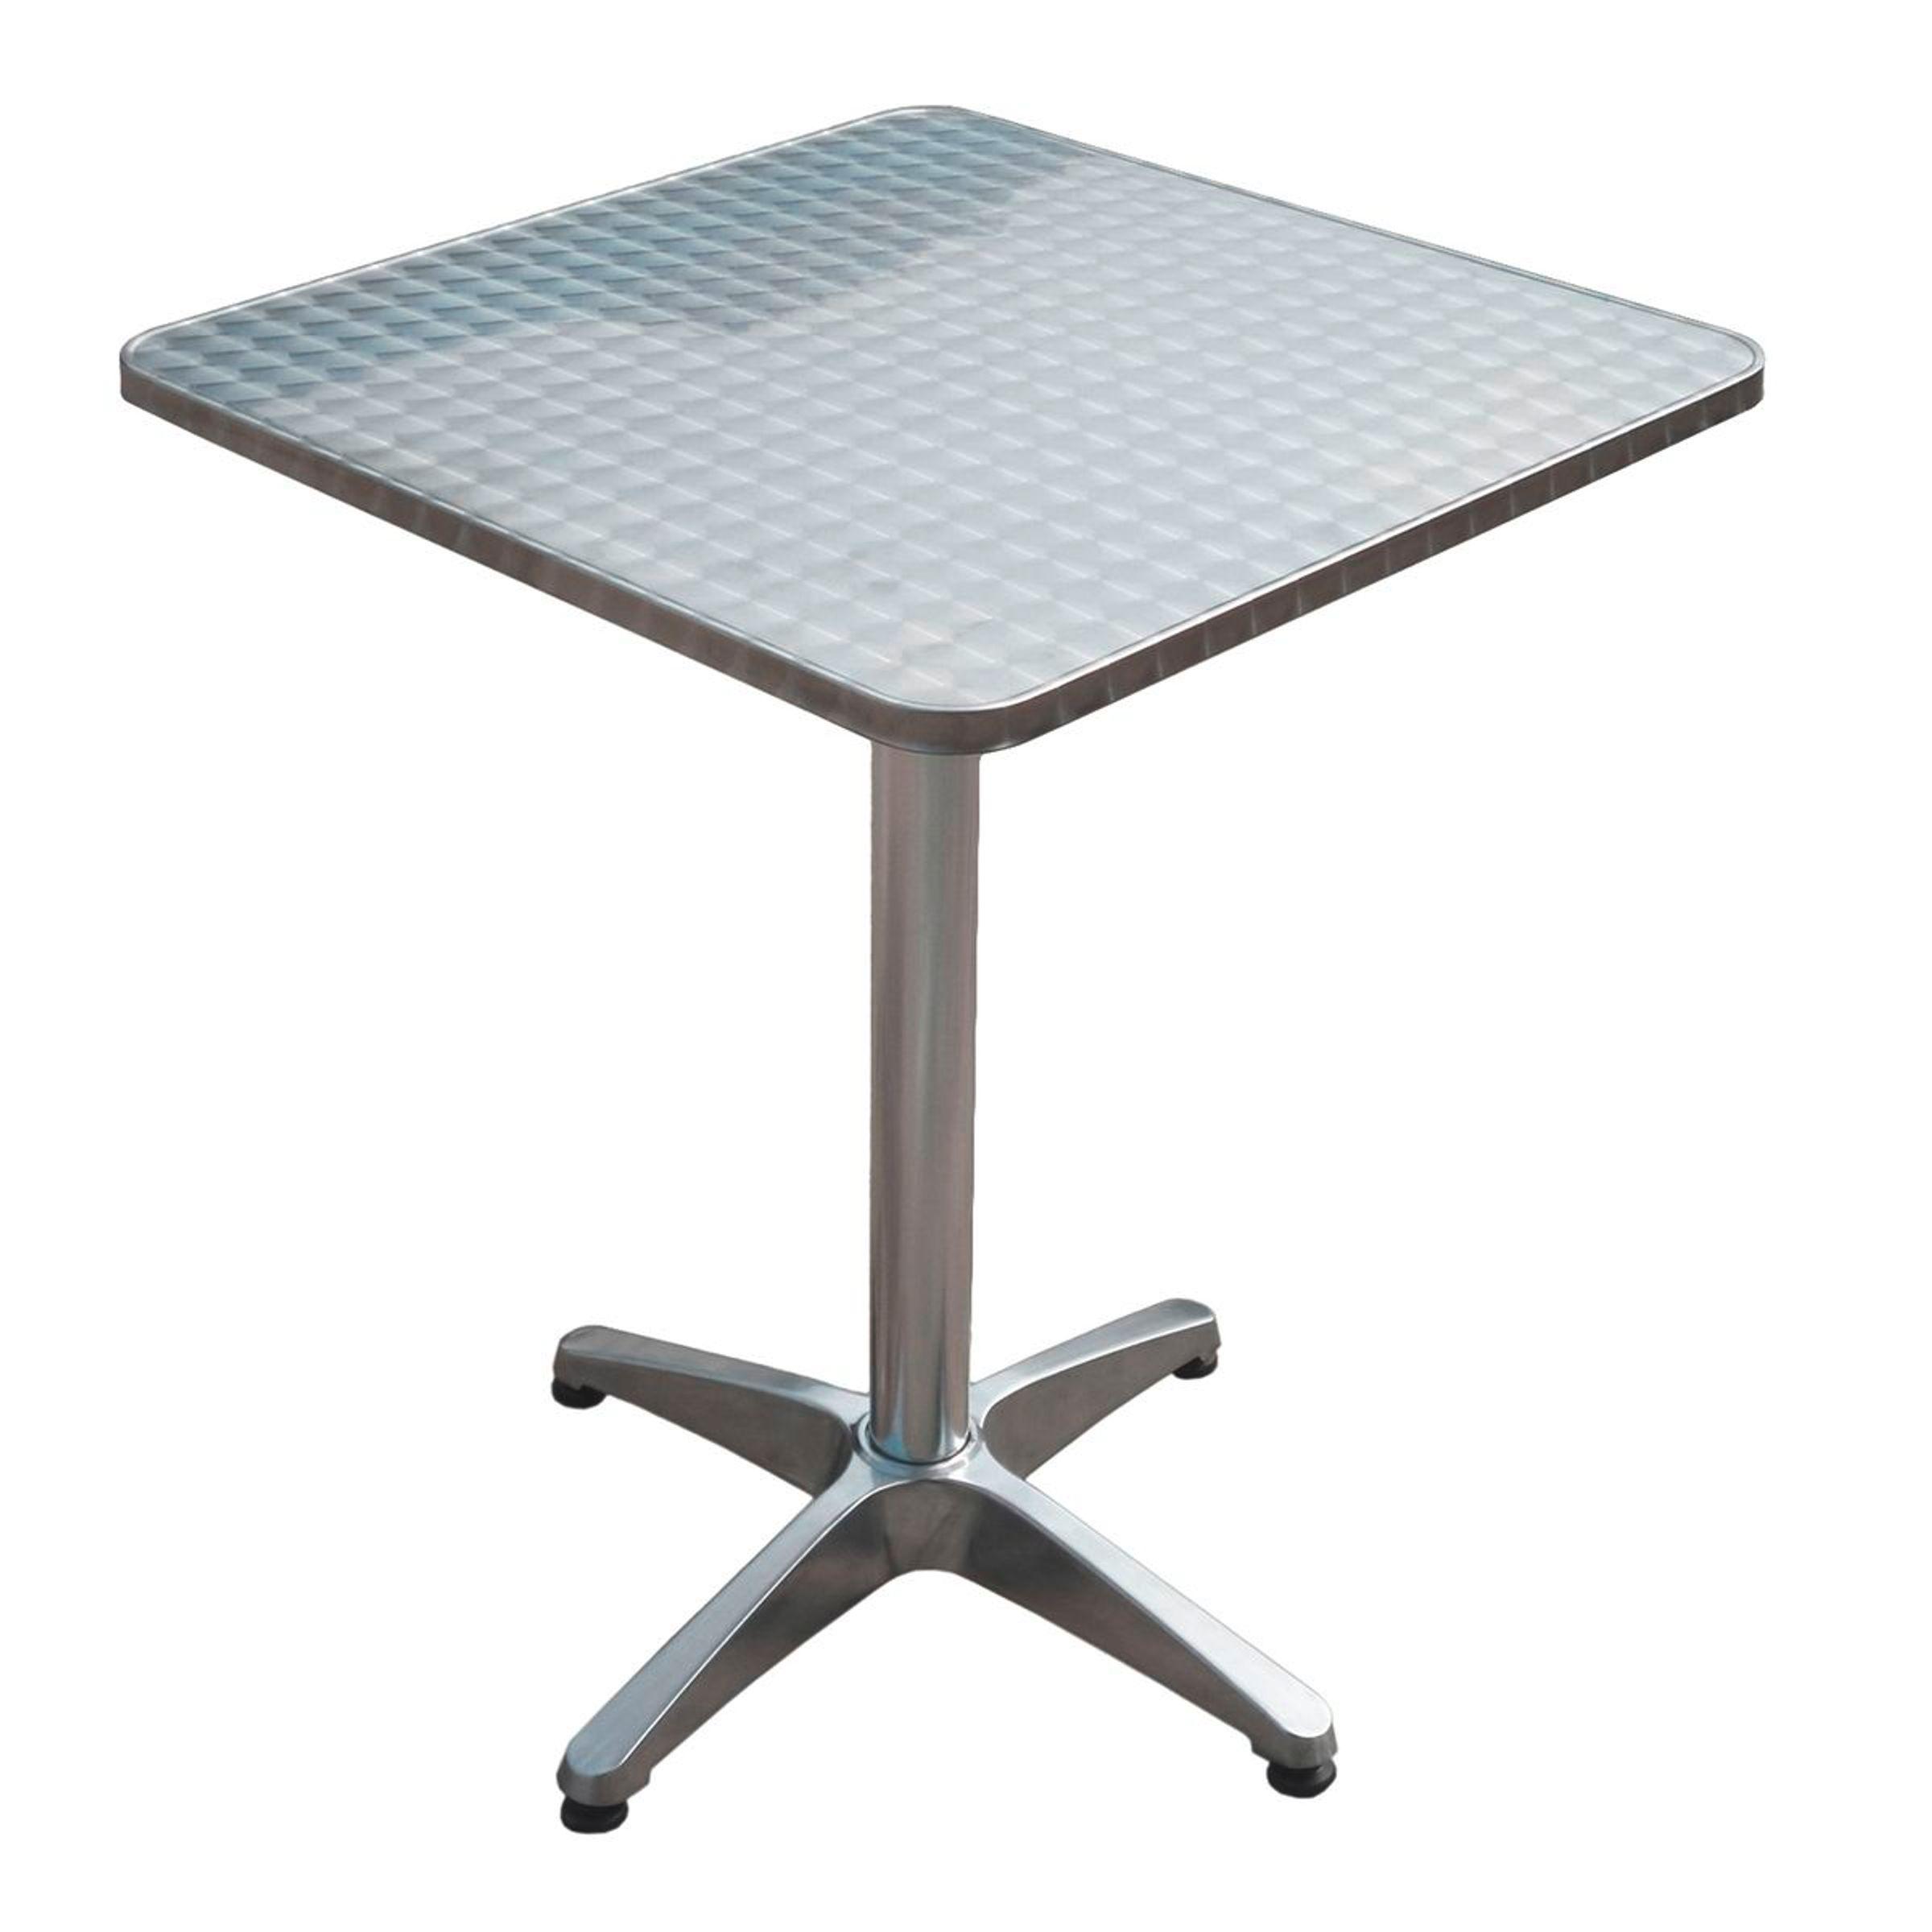 Gartentisch klappbar alu  Bistro Tisch Klapptisch Gartentisch klappbar quadratisch Alu-Gestell ...